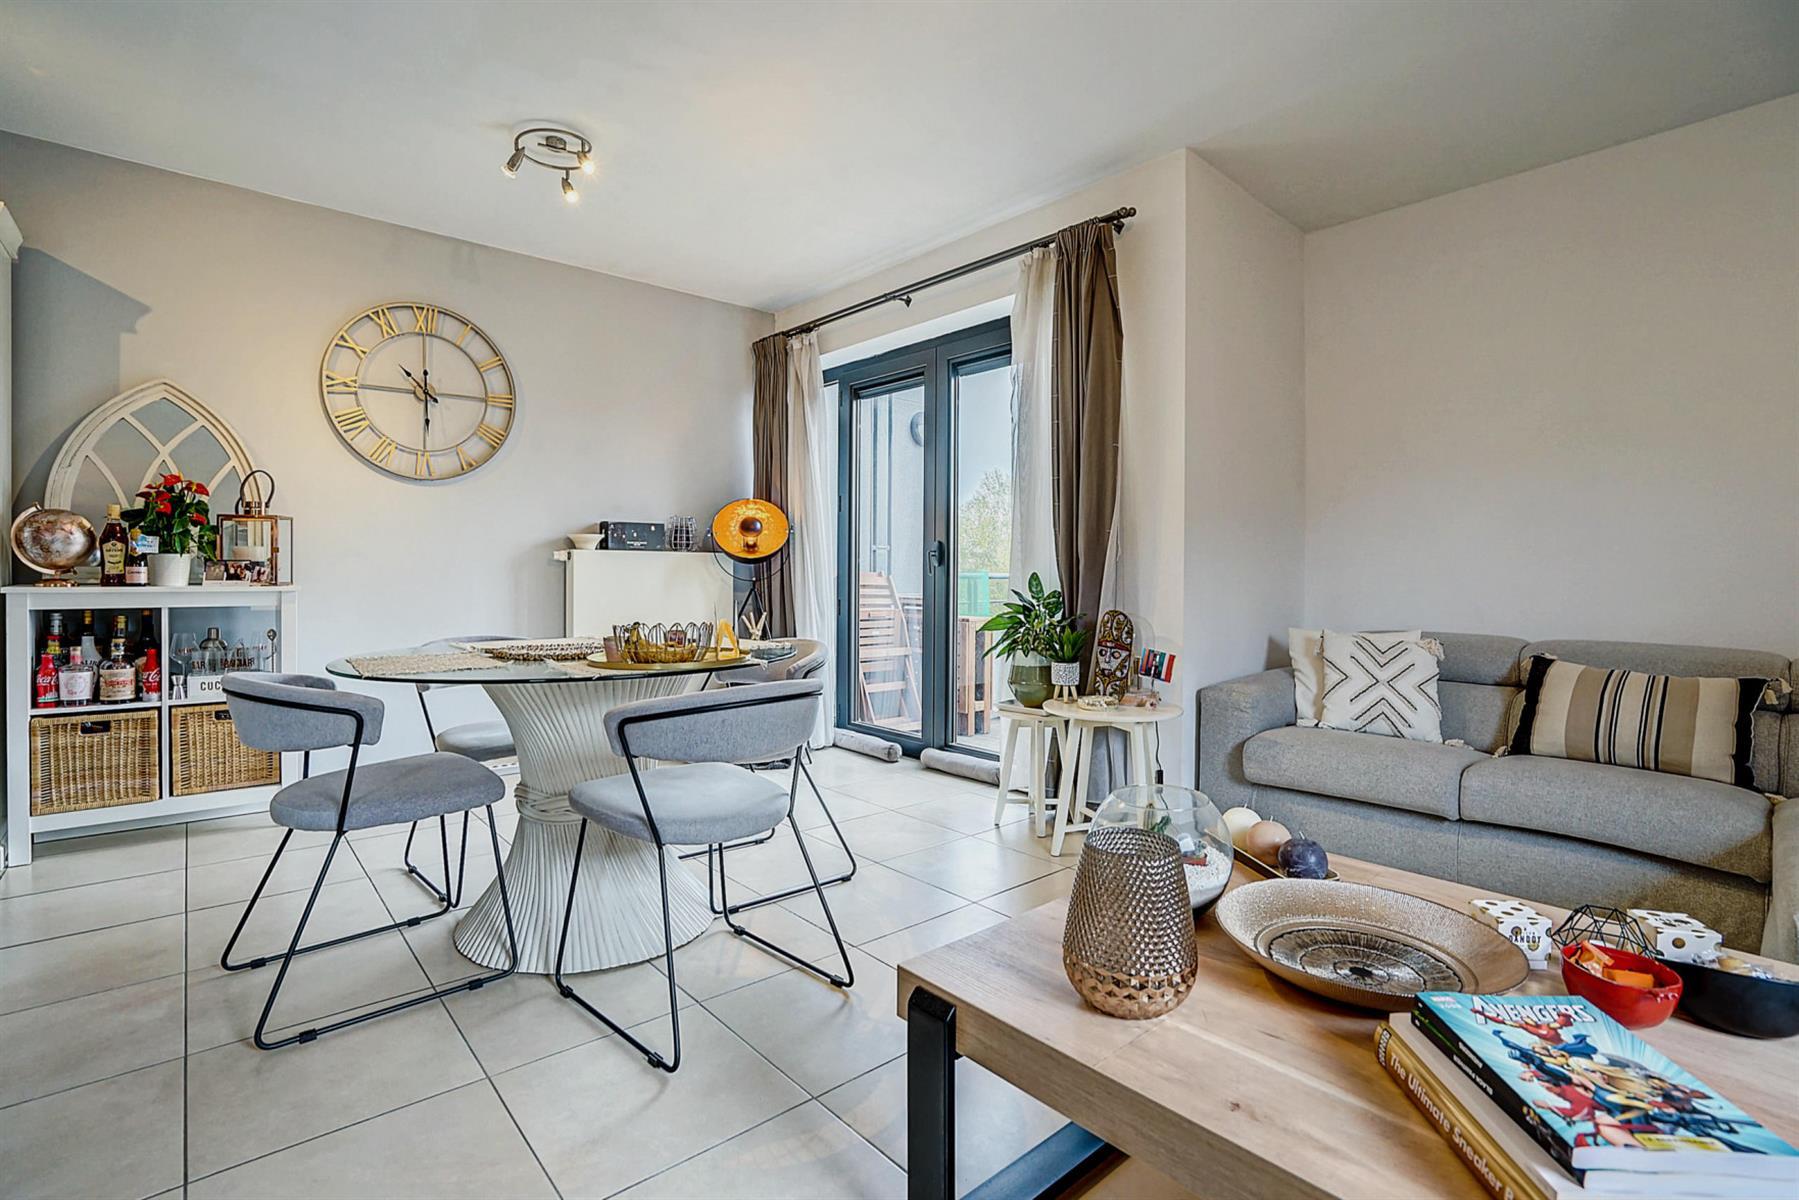 Appartement - Ottignies-louvain-la-neuve - #4505964-8